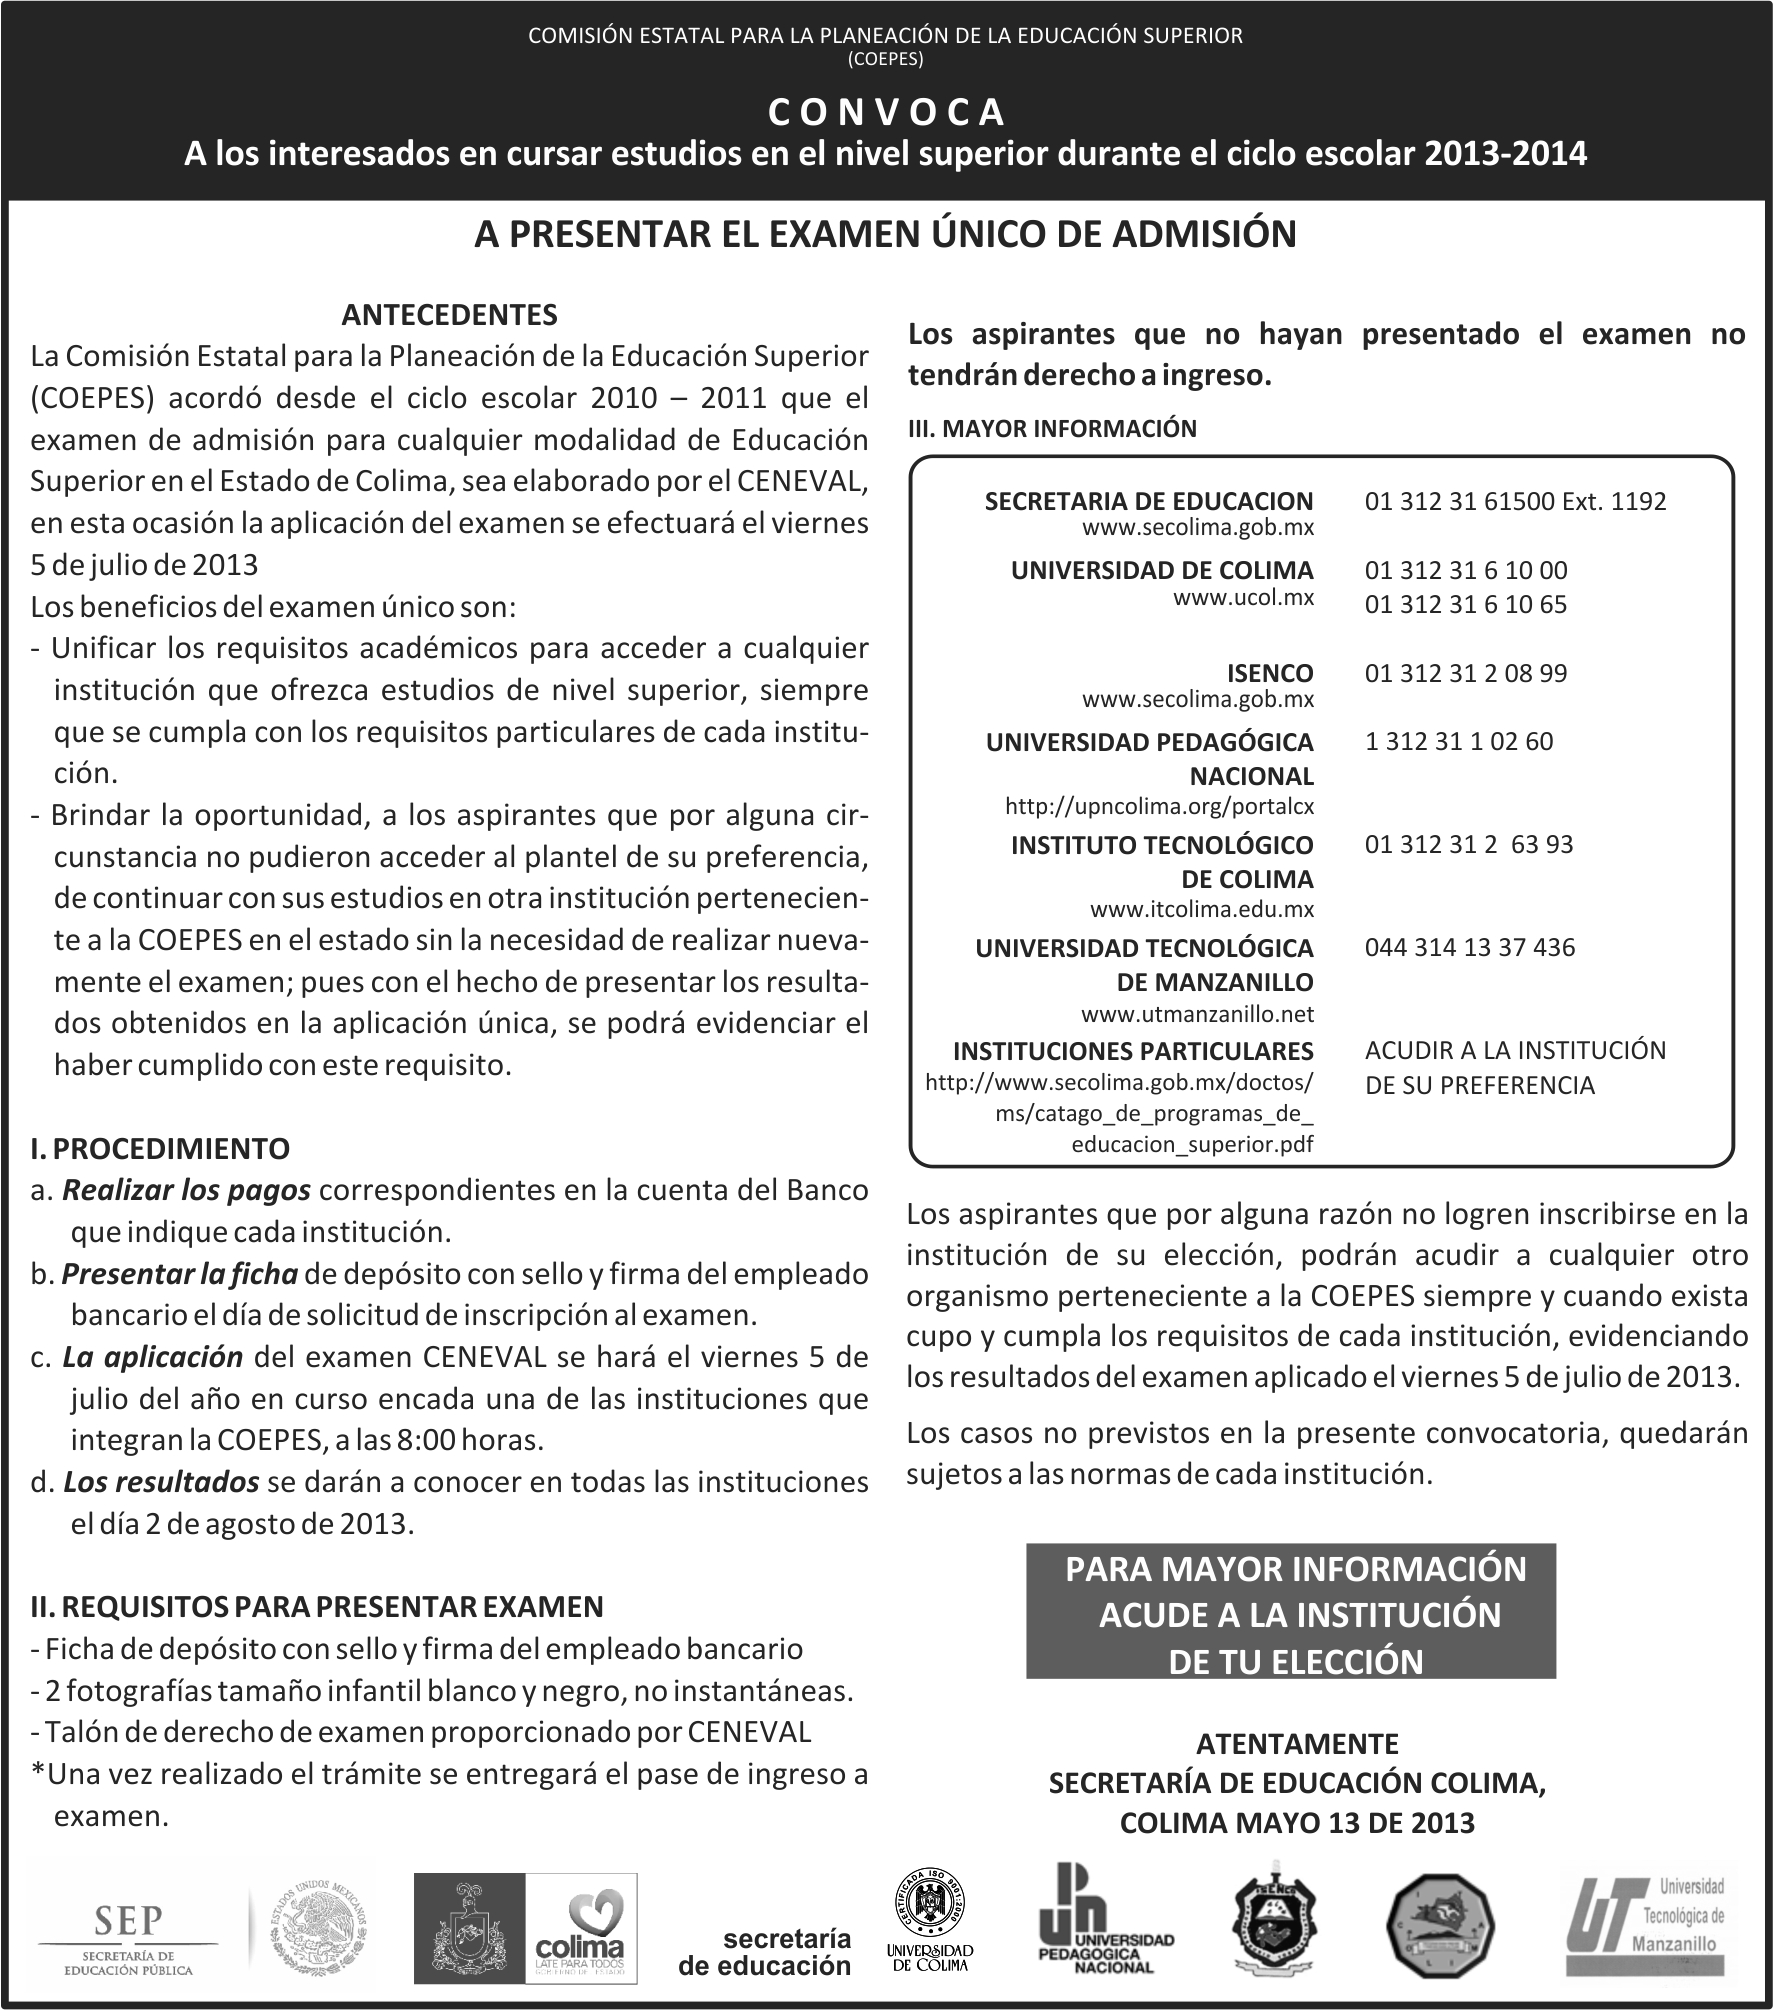 Admision Escolar: Portal Web De La Secretaría De Educación Del Estado De Colima